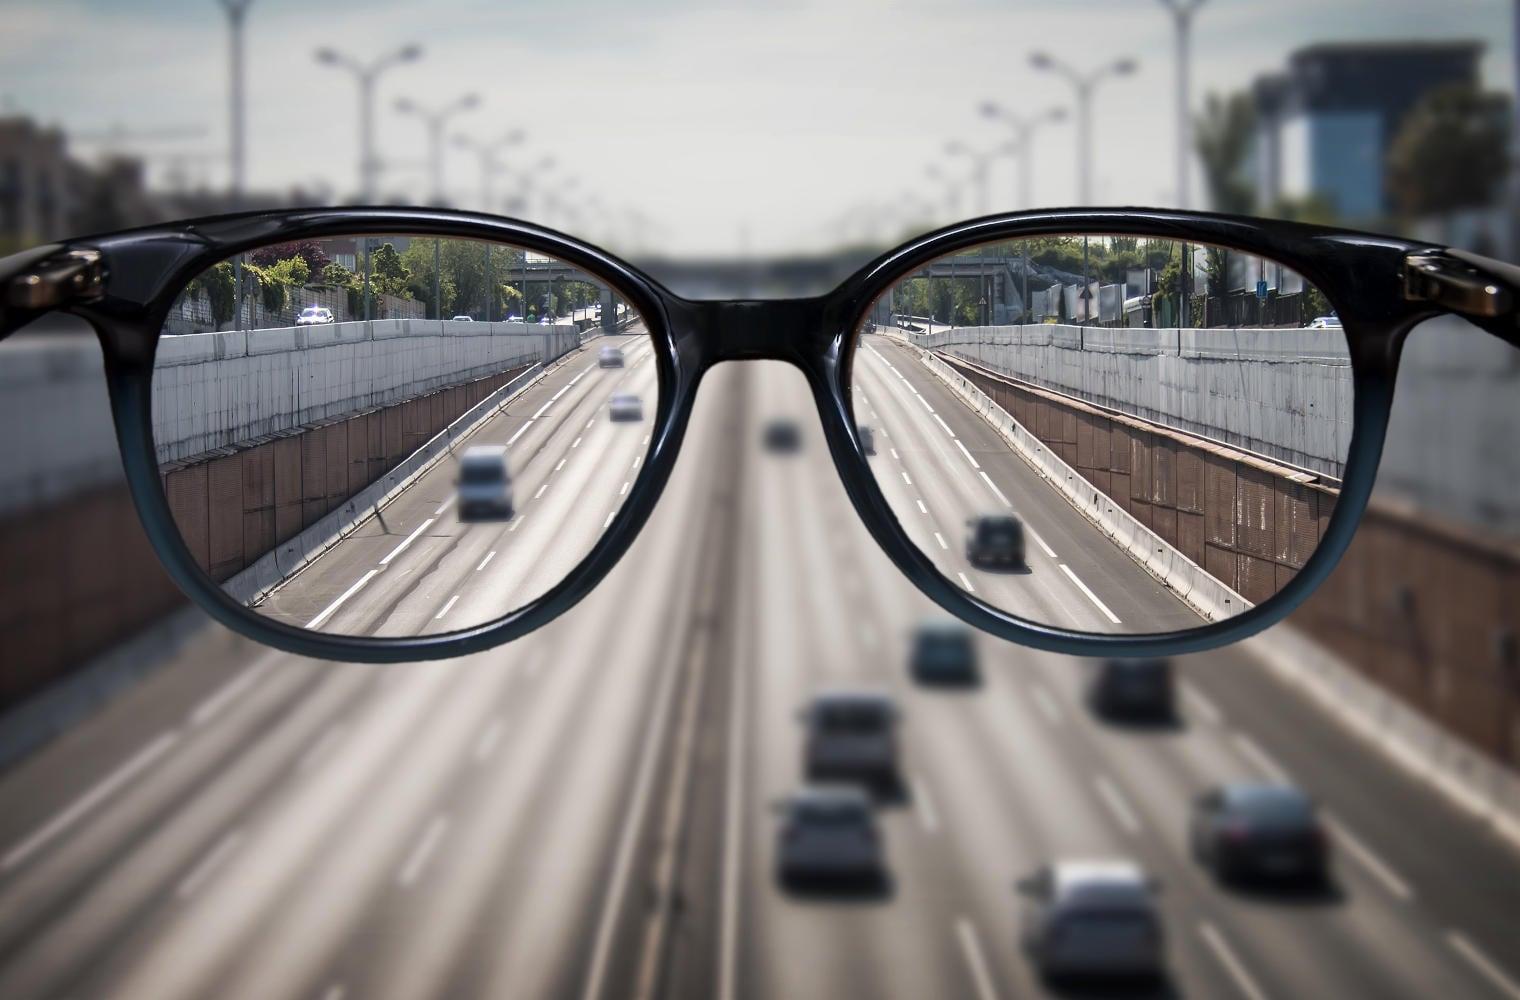 Immagine offuscata, con occhiali in primo piano e nelle lenti vista nitida